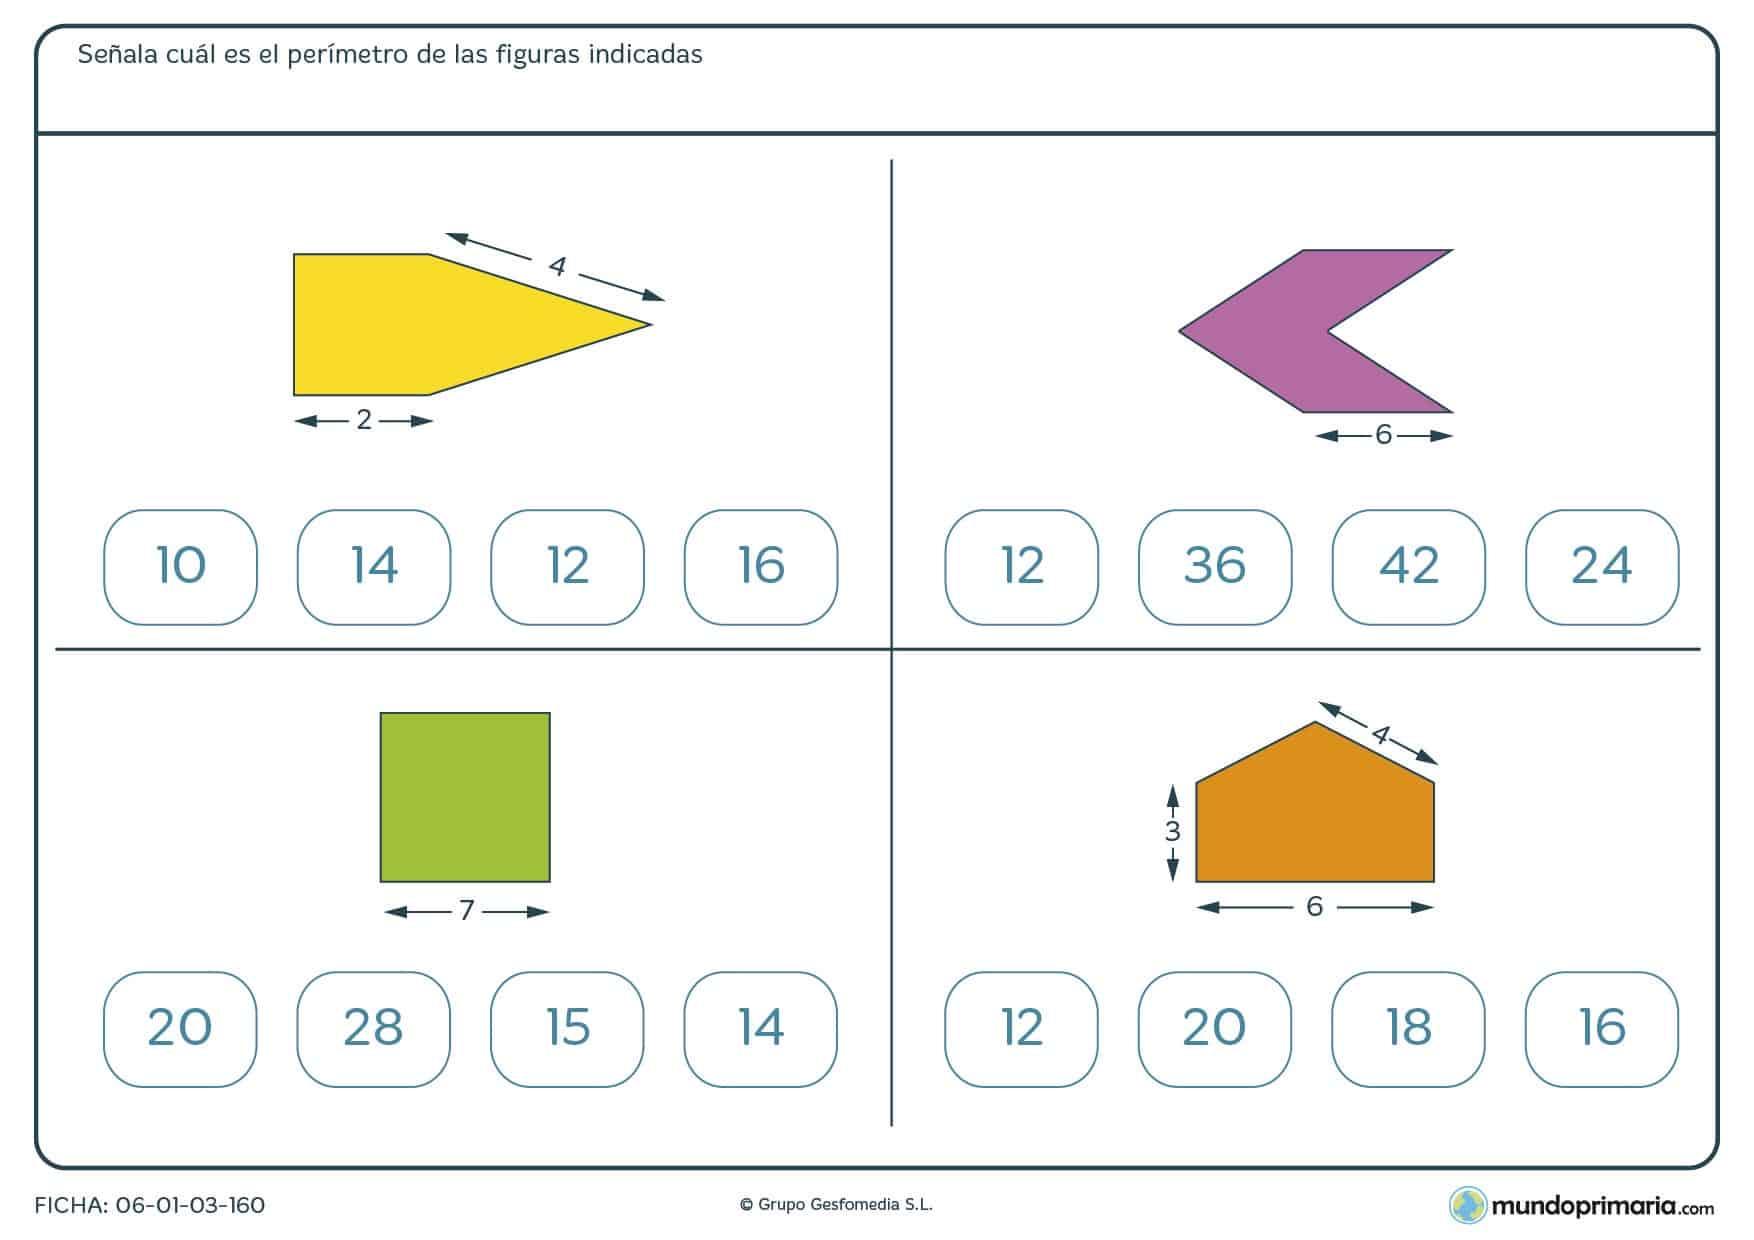 Ficha de cálculo de perímetros que debes de hallar de estas cuatro figuras y marcar los números correctos.